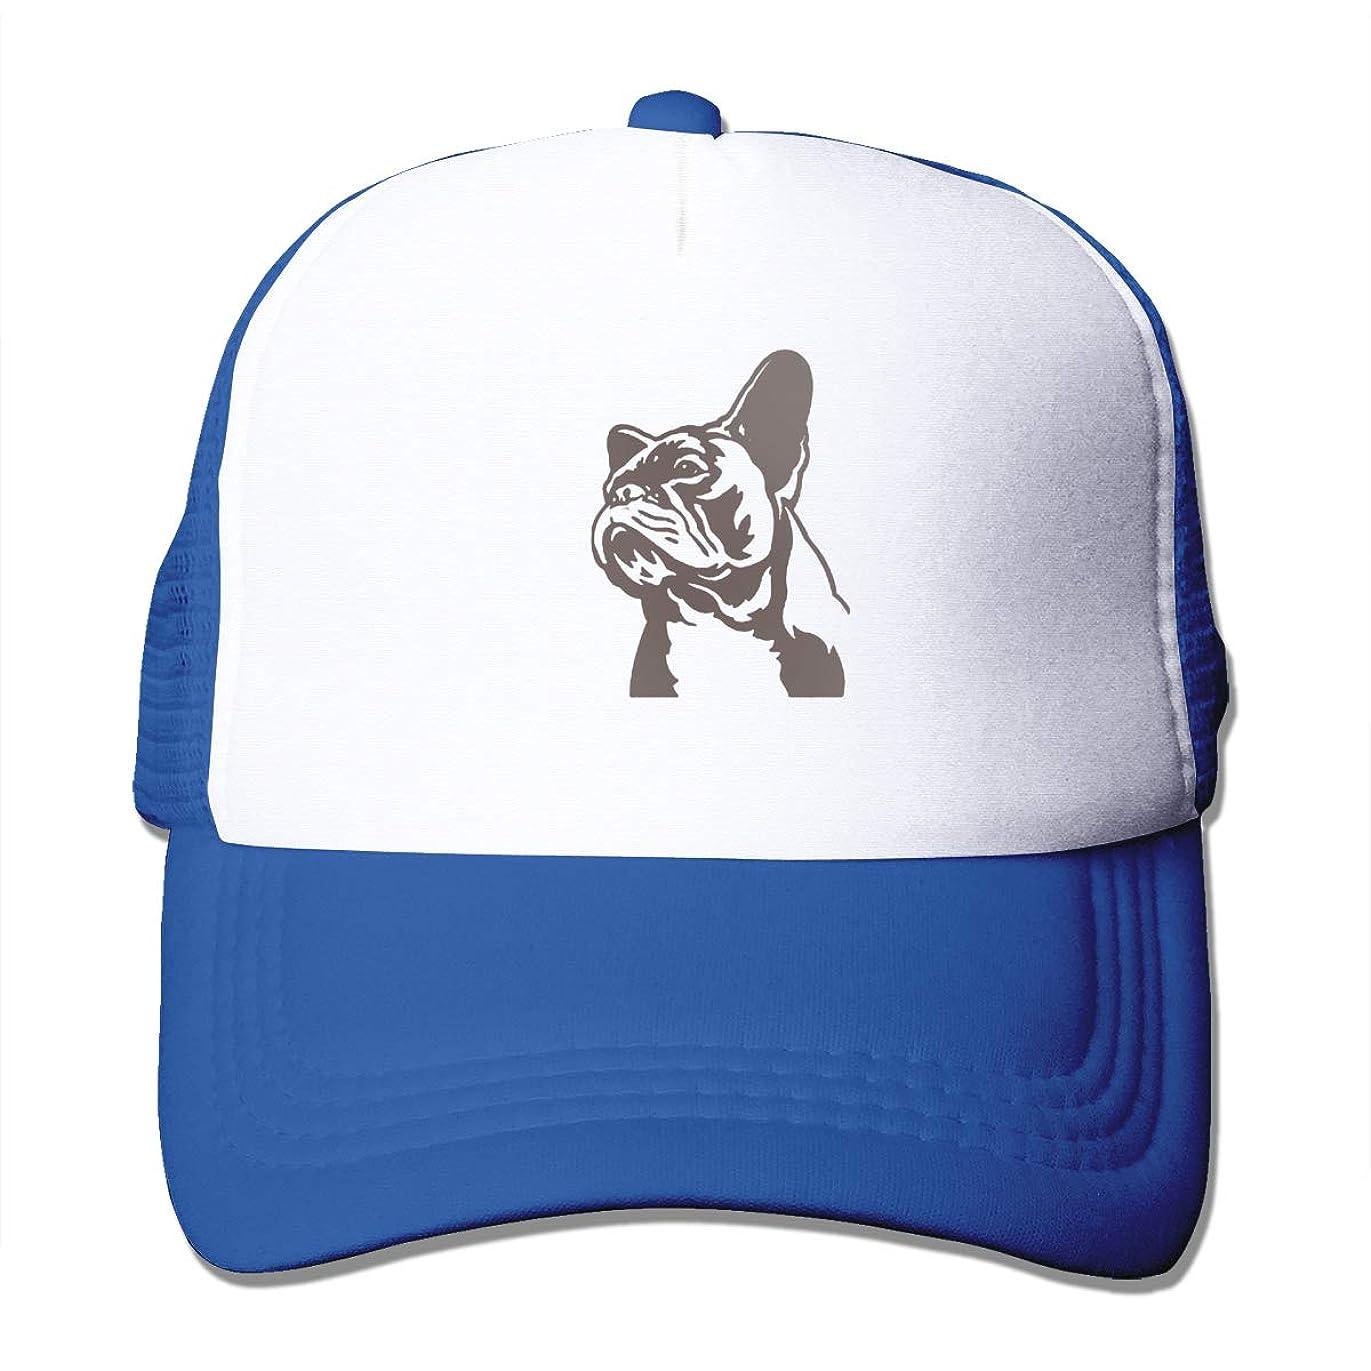 適格つぼみくさびLuxury-french-bulldog-pillow-or-1-74-french-bulldog-pillow-cases メッシュキャップ スポーツ帽子 野球 遠足 運転 アウトドアなど 速乾性 通気性 メンズ レディース日焼け防止